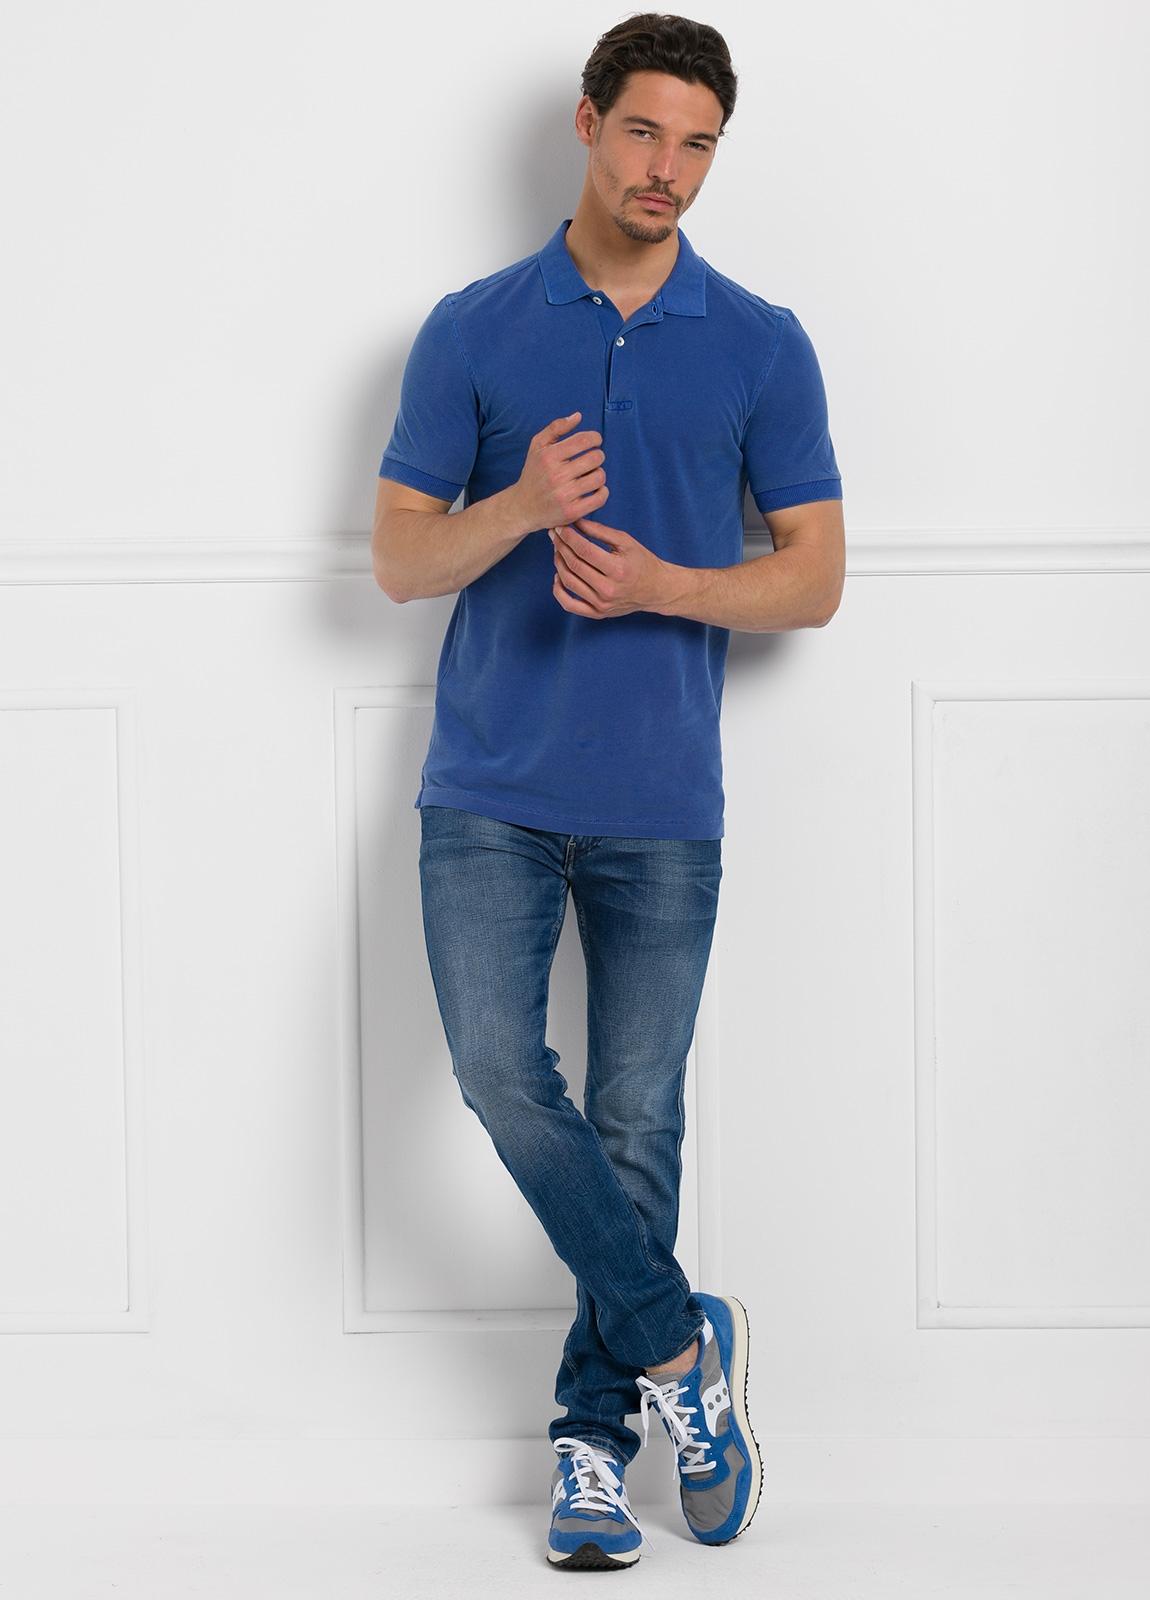 Polo liso manga corta, color azulón. 100% Algodón Piqué.